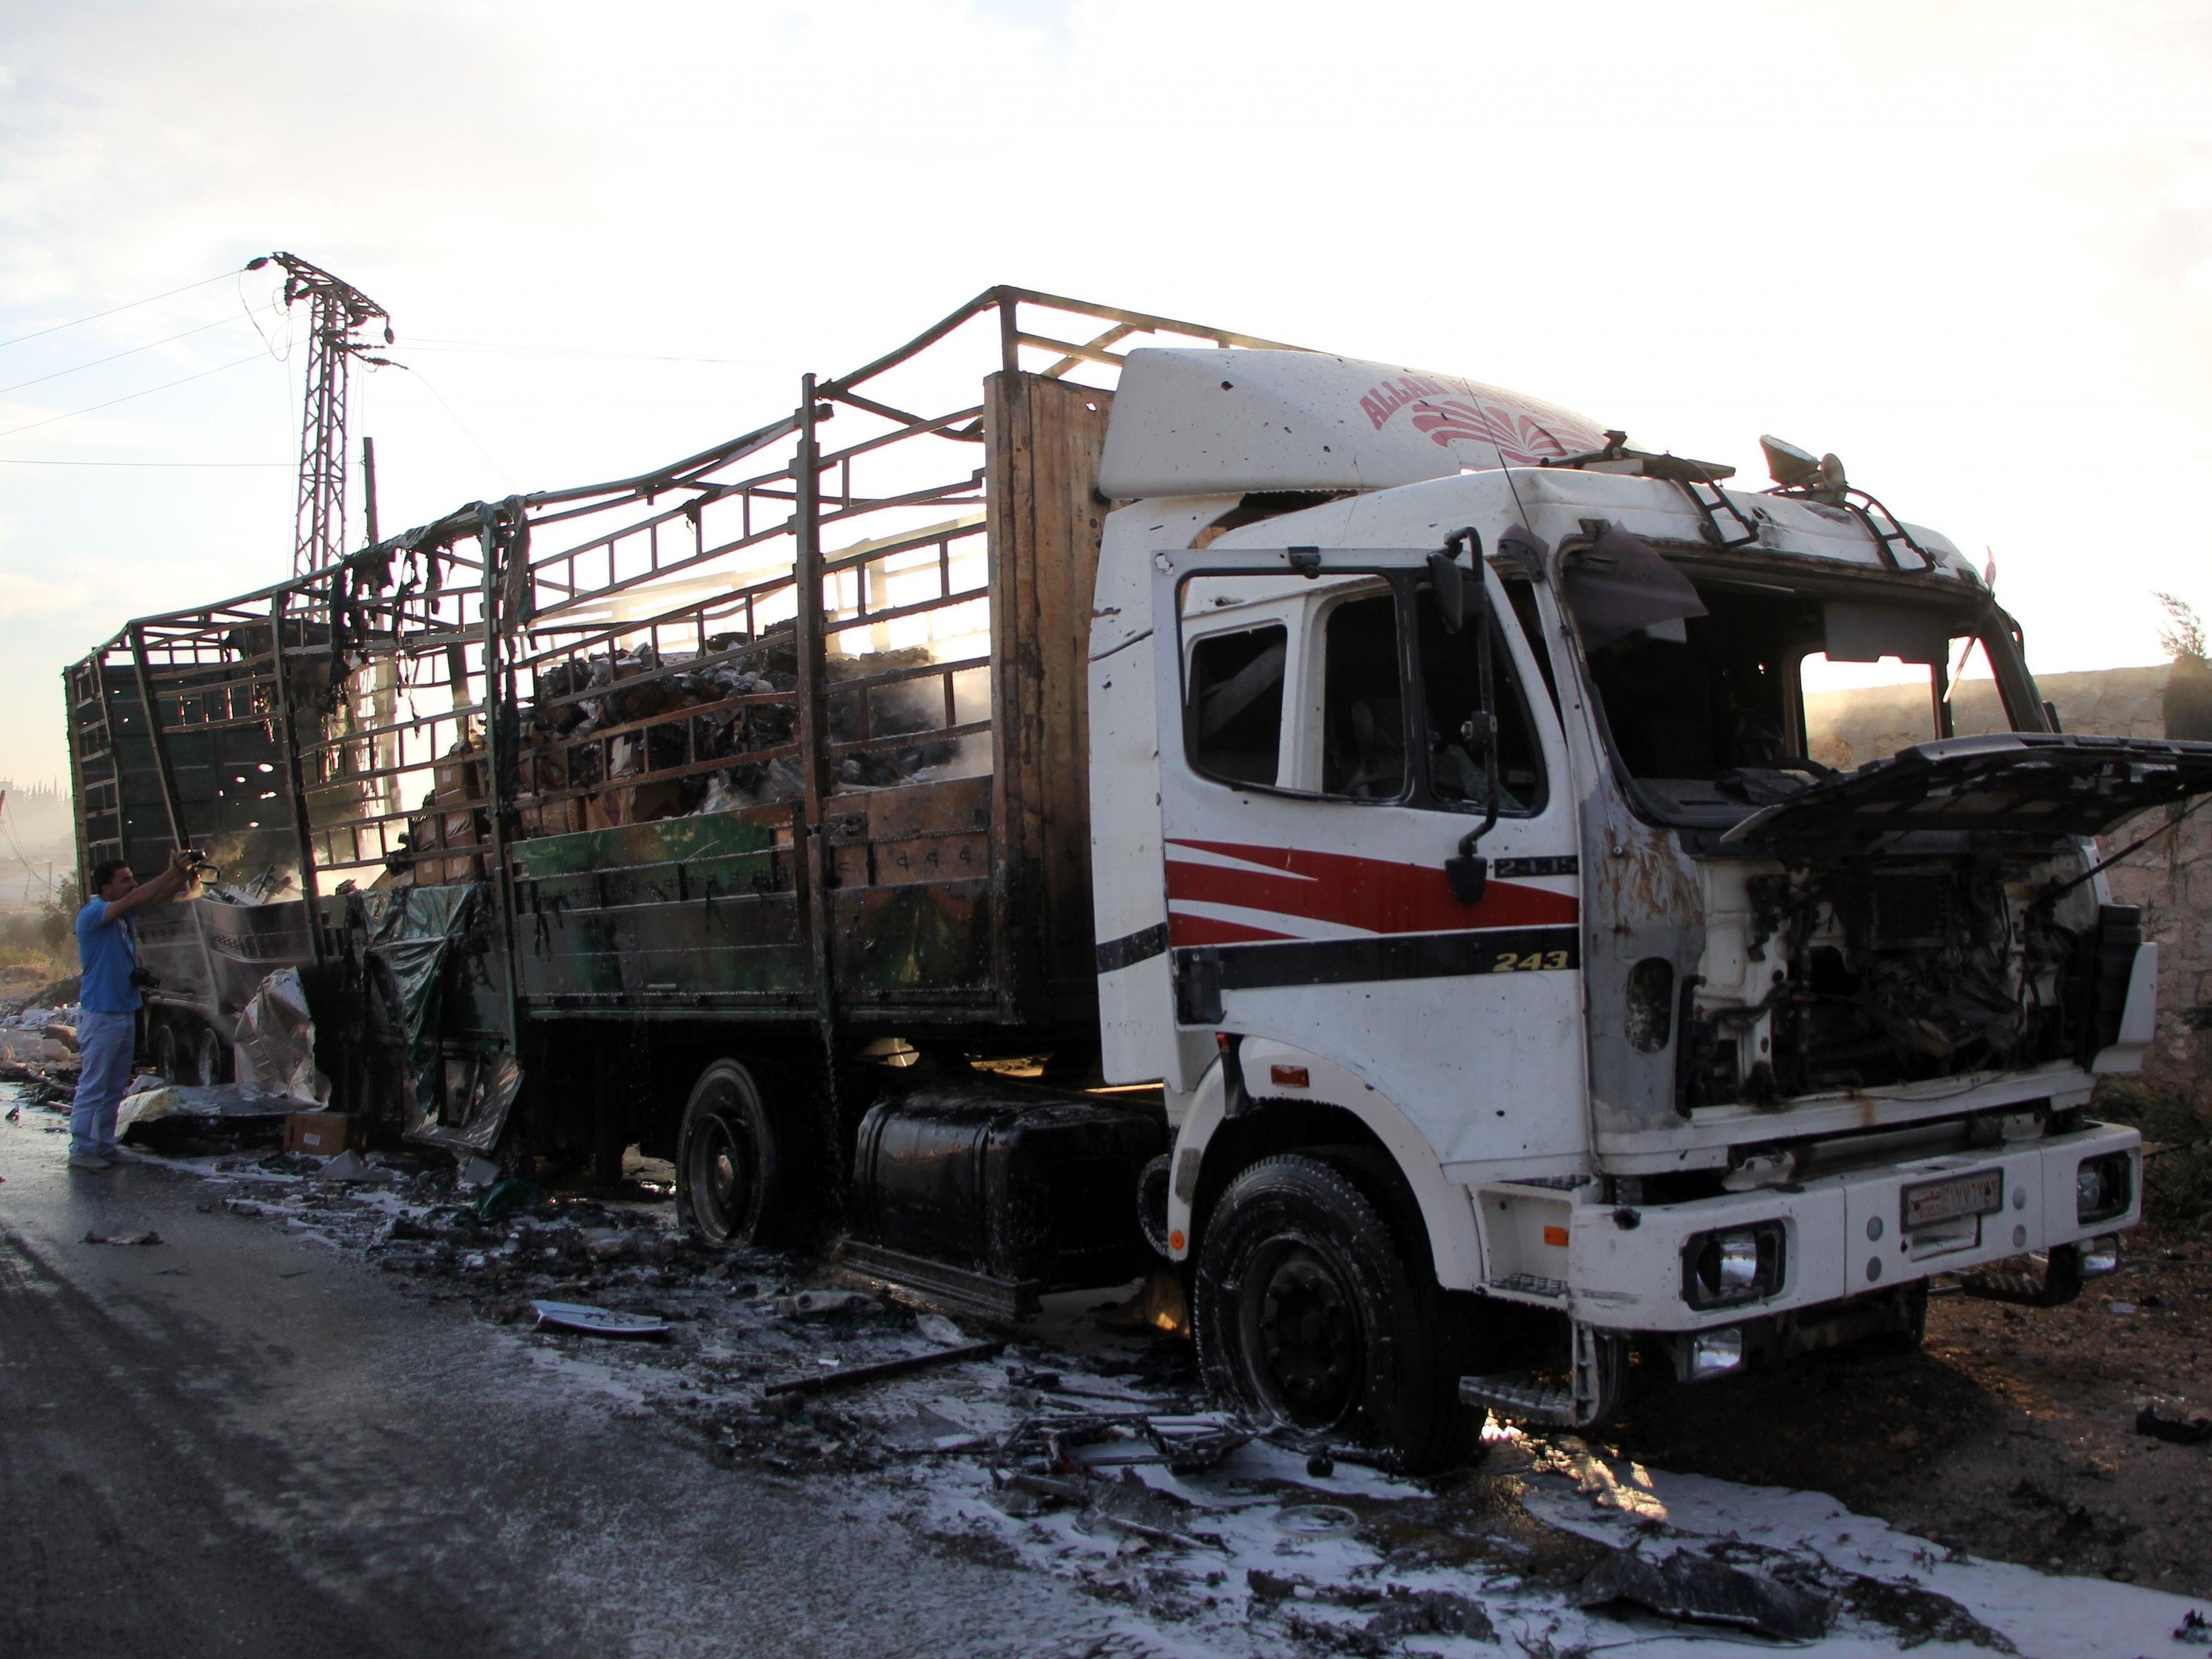 Nach dem Angriff auf den UN-Hilfskonvoi nahe Aleppo stellen die Vereinten Nationen vorerst ihre Hilfslieferungen ein.